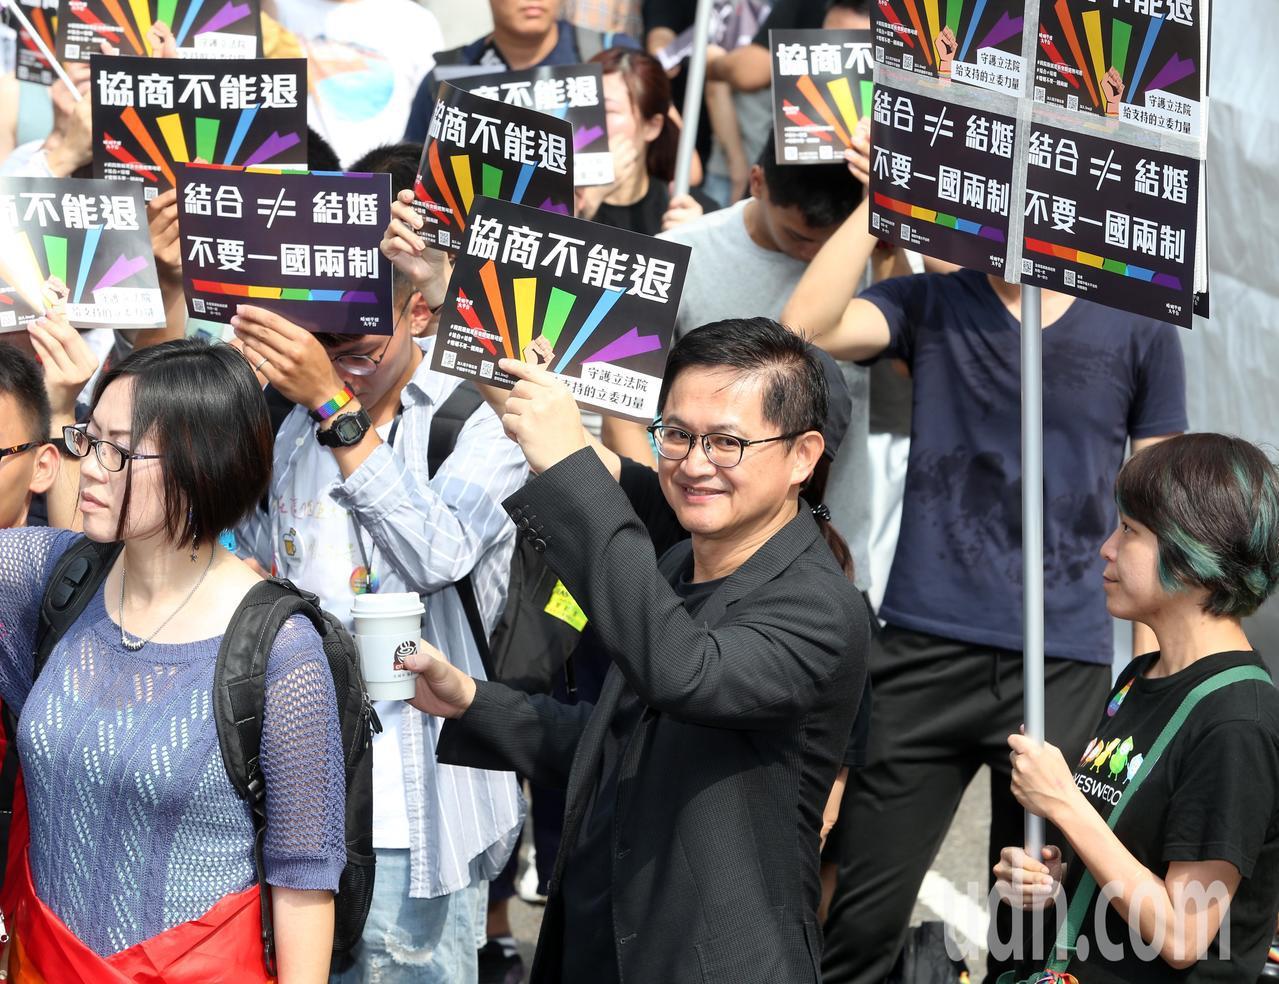 立法院上午針對同婚案逐條討論協商。婚姻平權大平台各團體齊聚立法院,發表「婚權緊急...